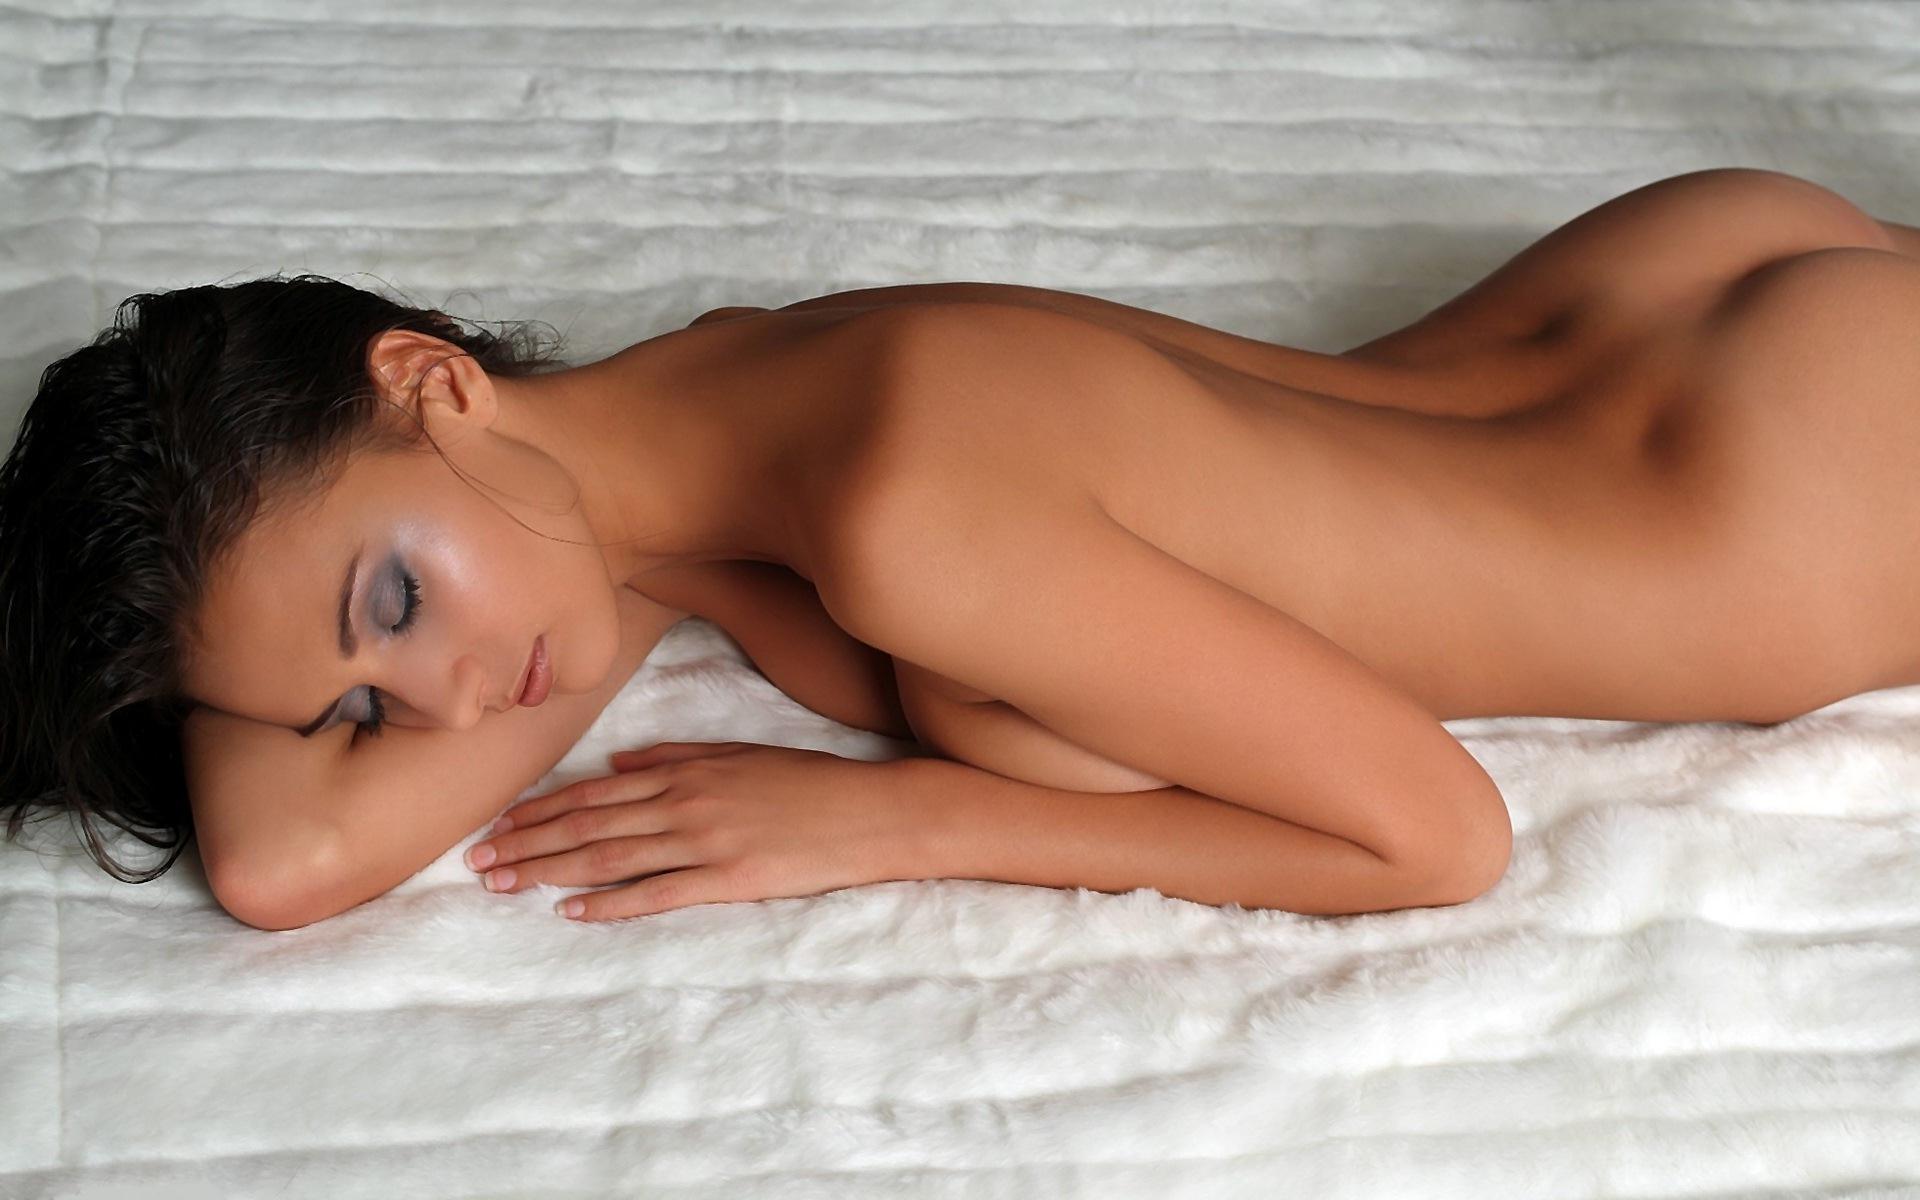 Телки спят голые, Спящие порно - тут ебут спящую, порно спят секс онлайн! 5 фотография